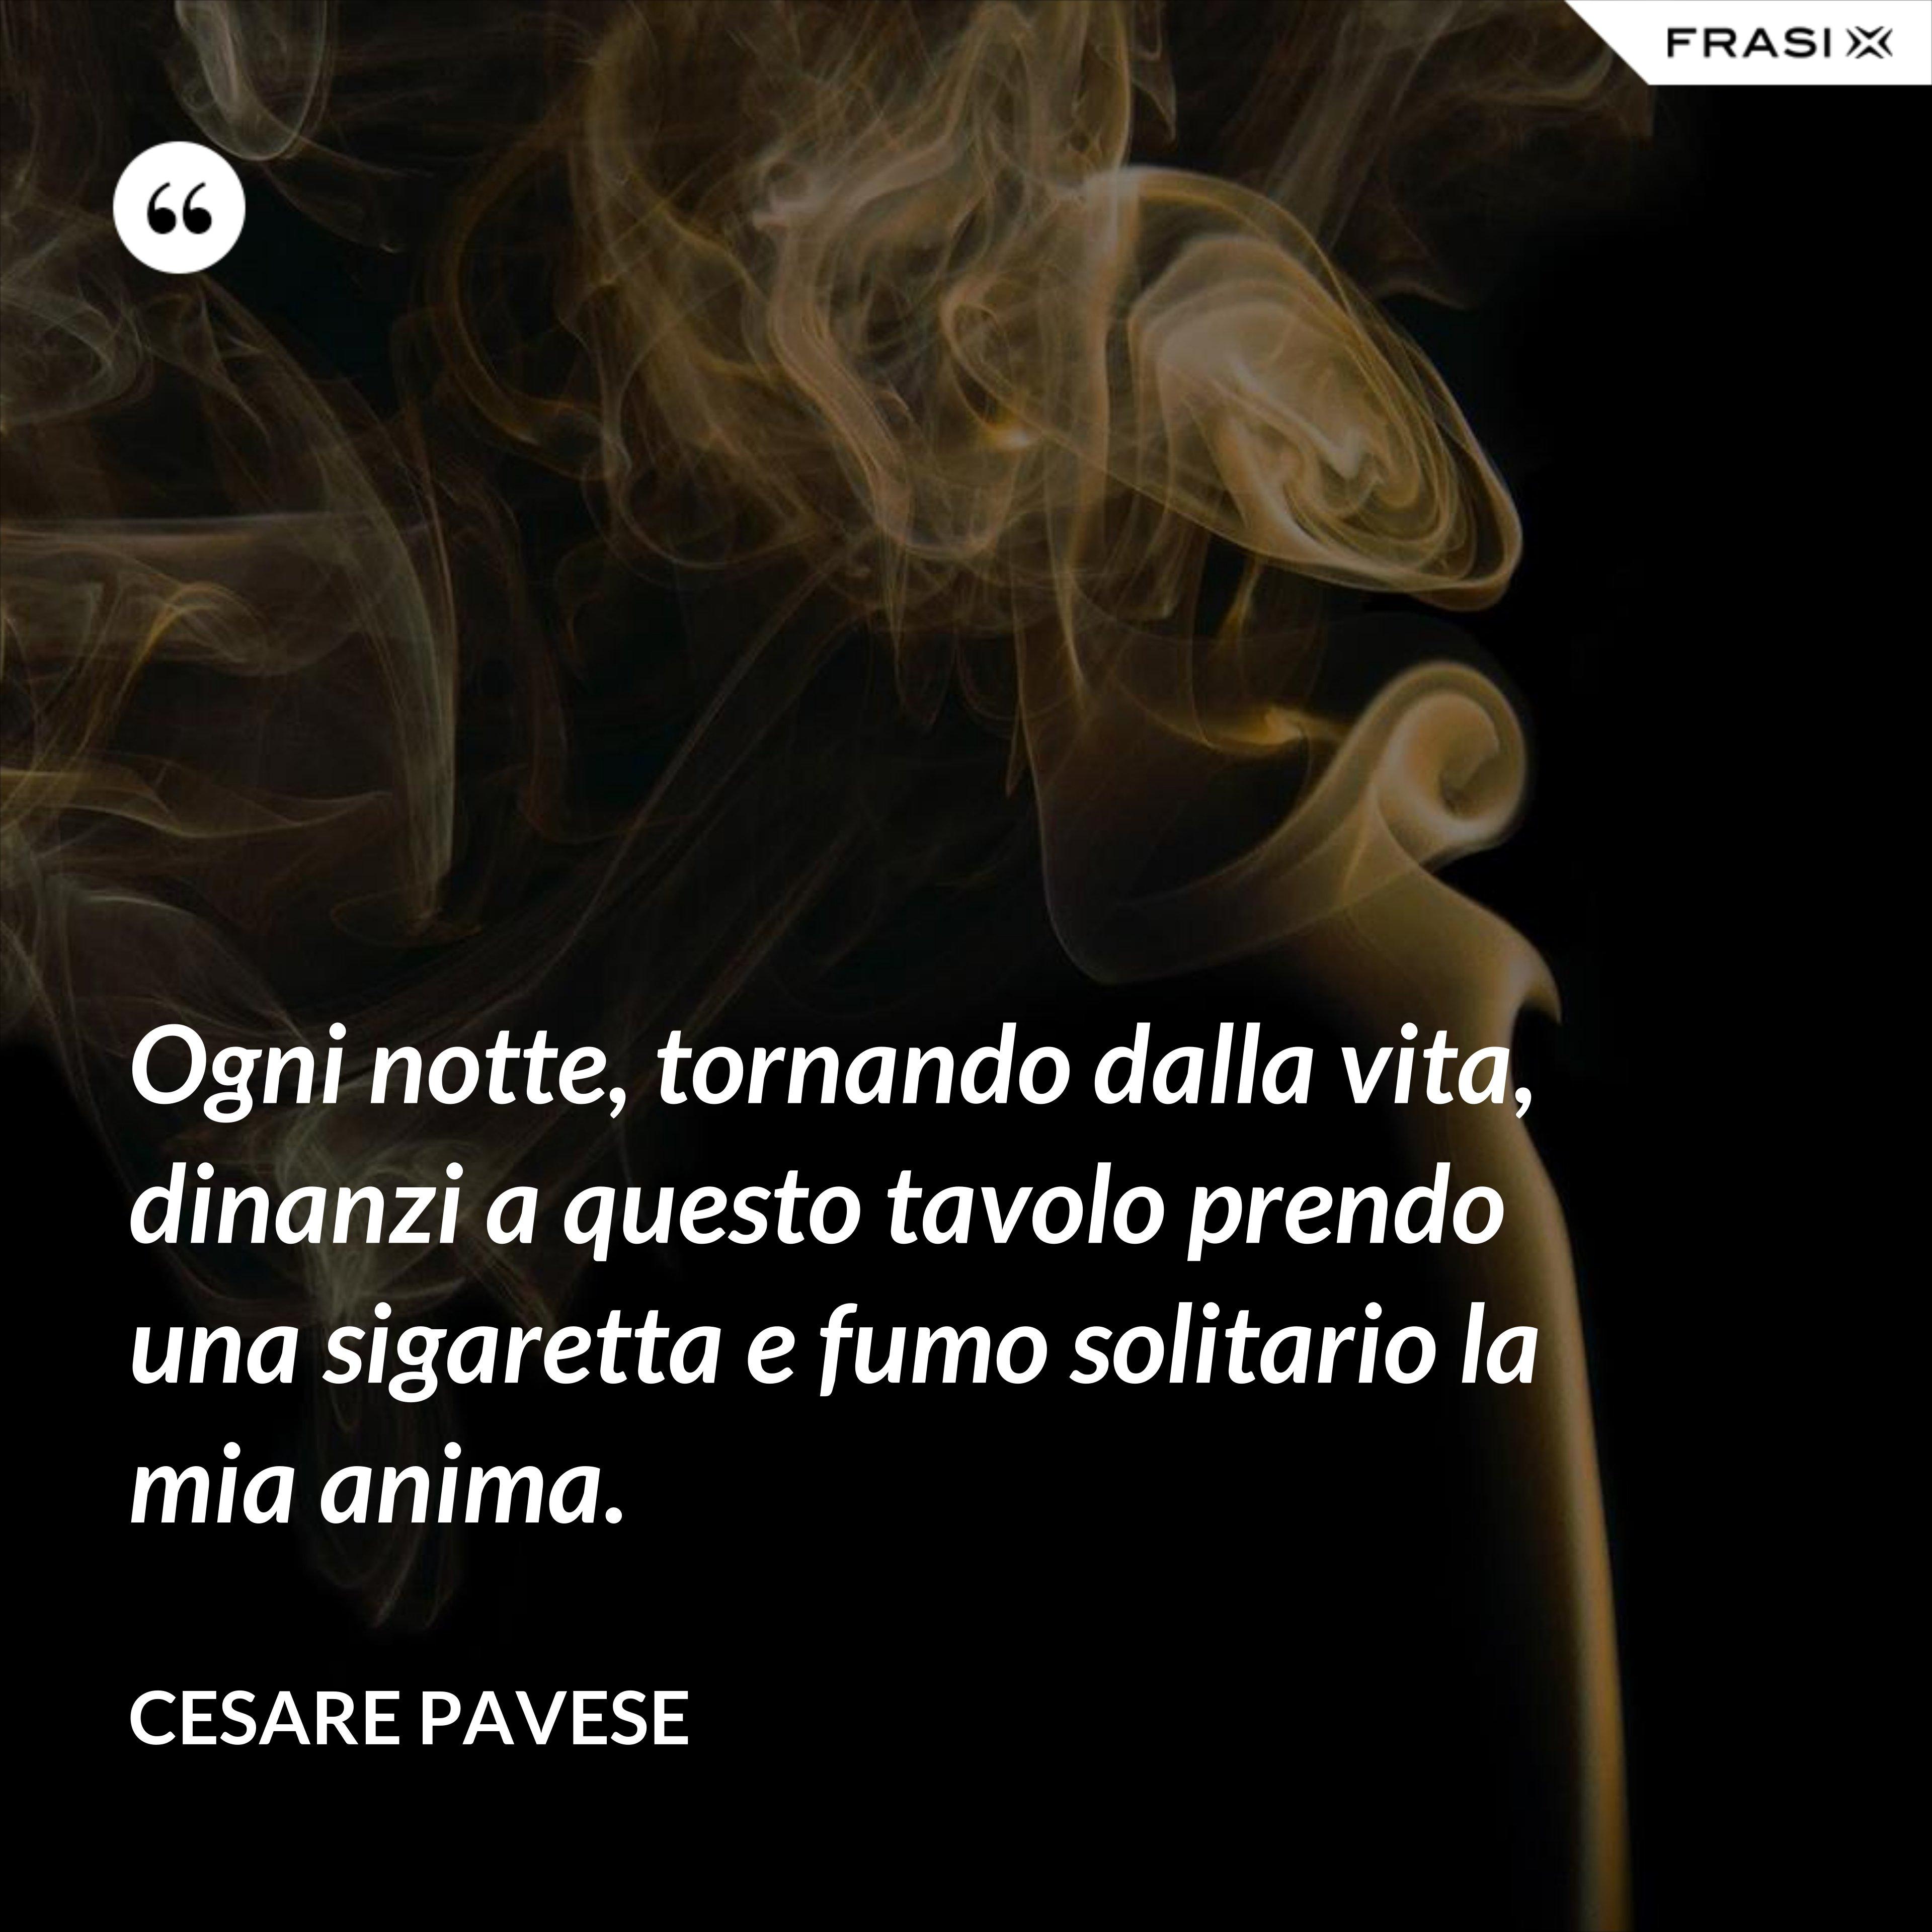 Ogni notte, tornando dalla vita, dinanzi a questo tavolo prendo una sigaretta e fumo solitario la mia anima. - Cesare Pavese